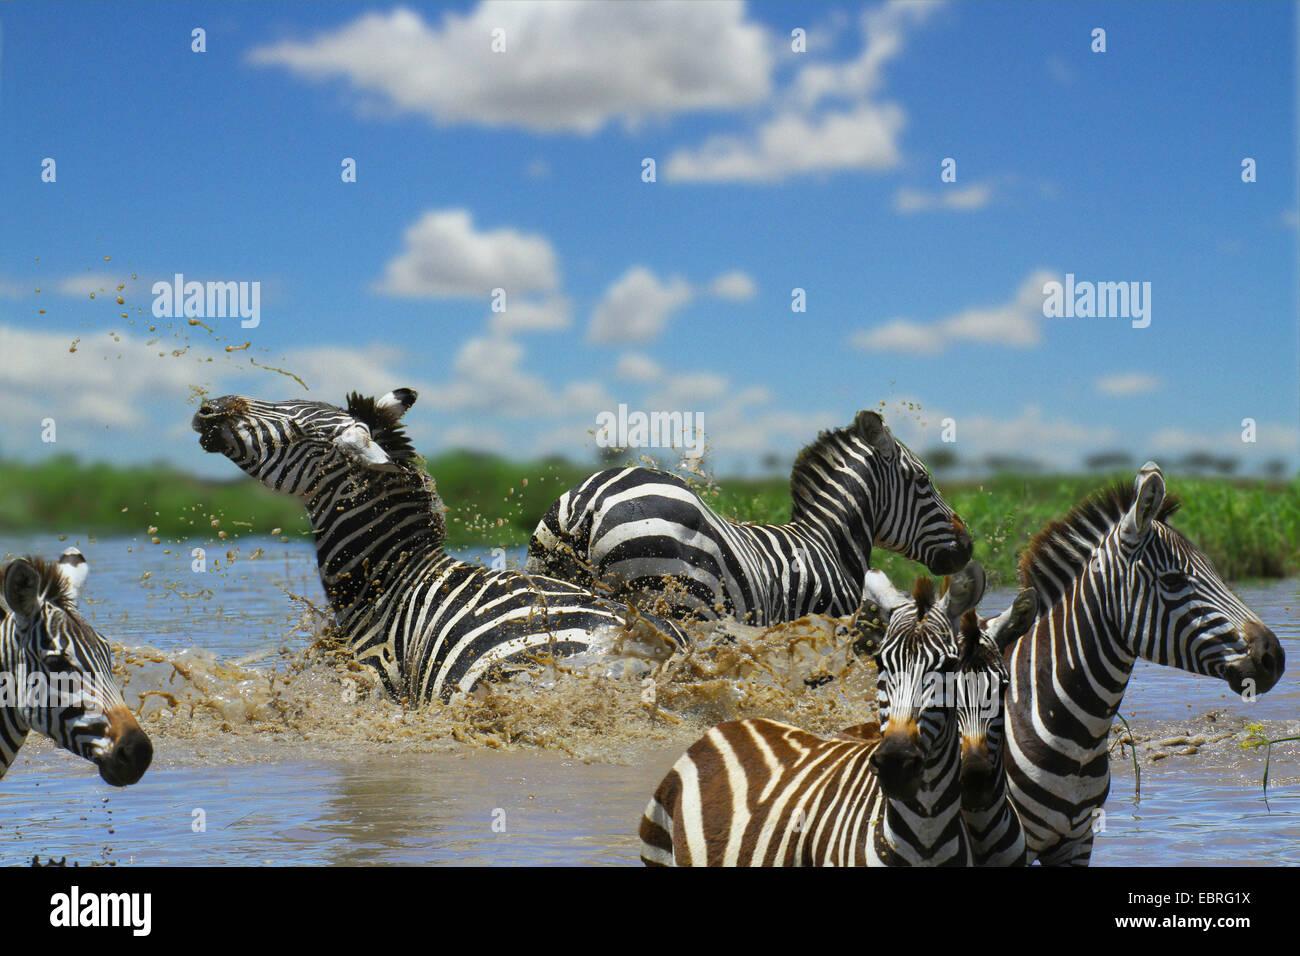 La cebra común (Equus quagga), rebaño en agua, lucha, Tanzania, el Parque nacional Serengeti Imagen De Stock